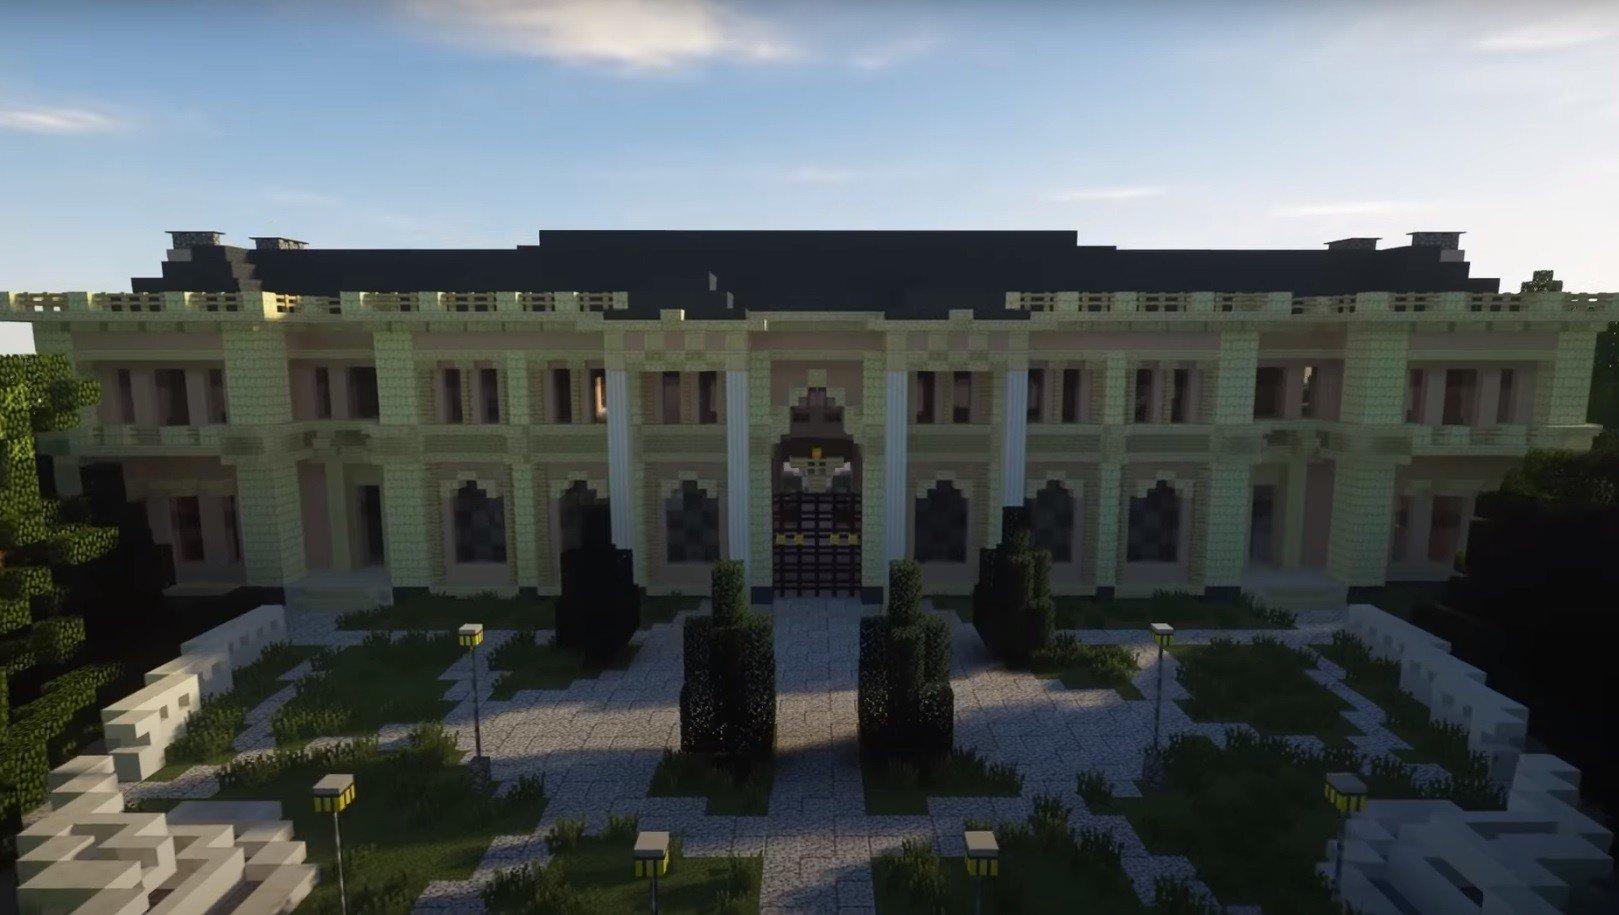 В Minecraft построили Дворец Путина на мысе Идокопас